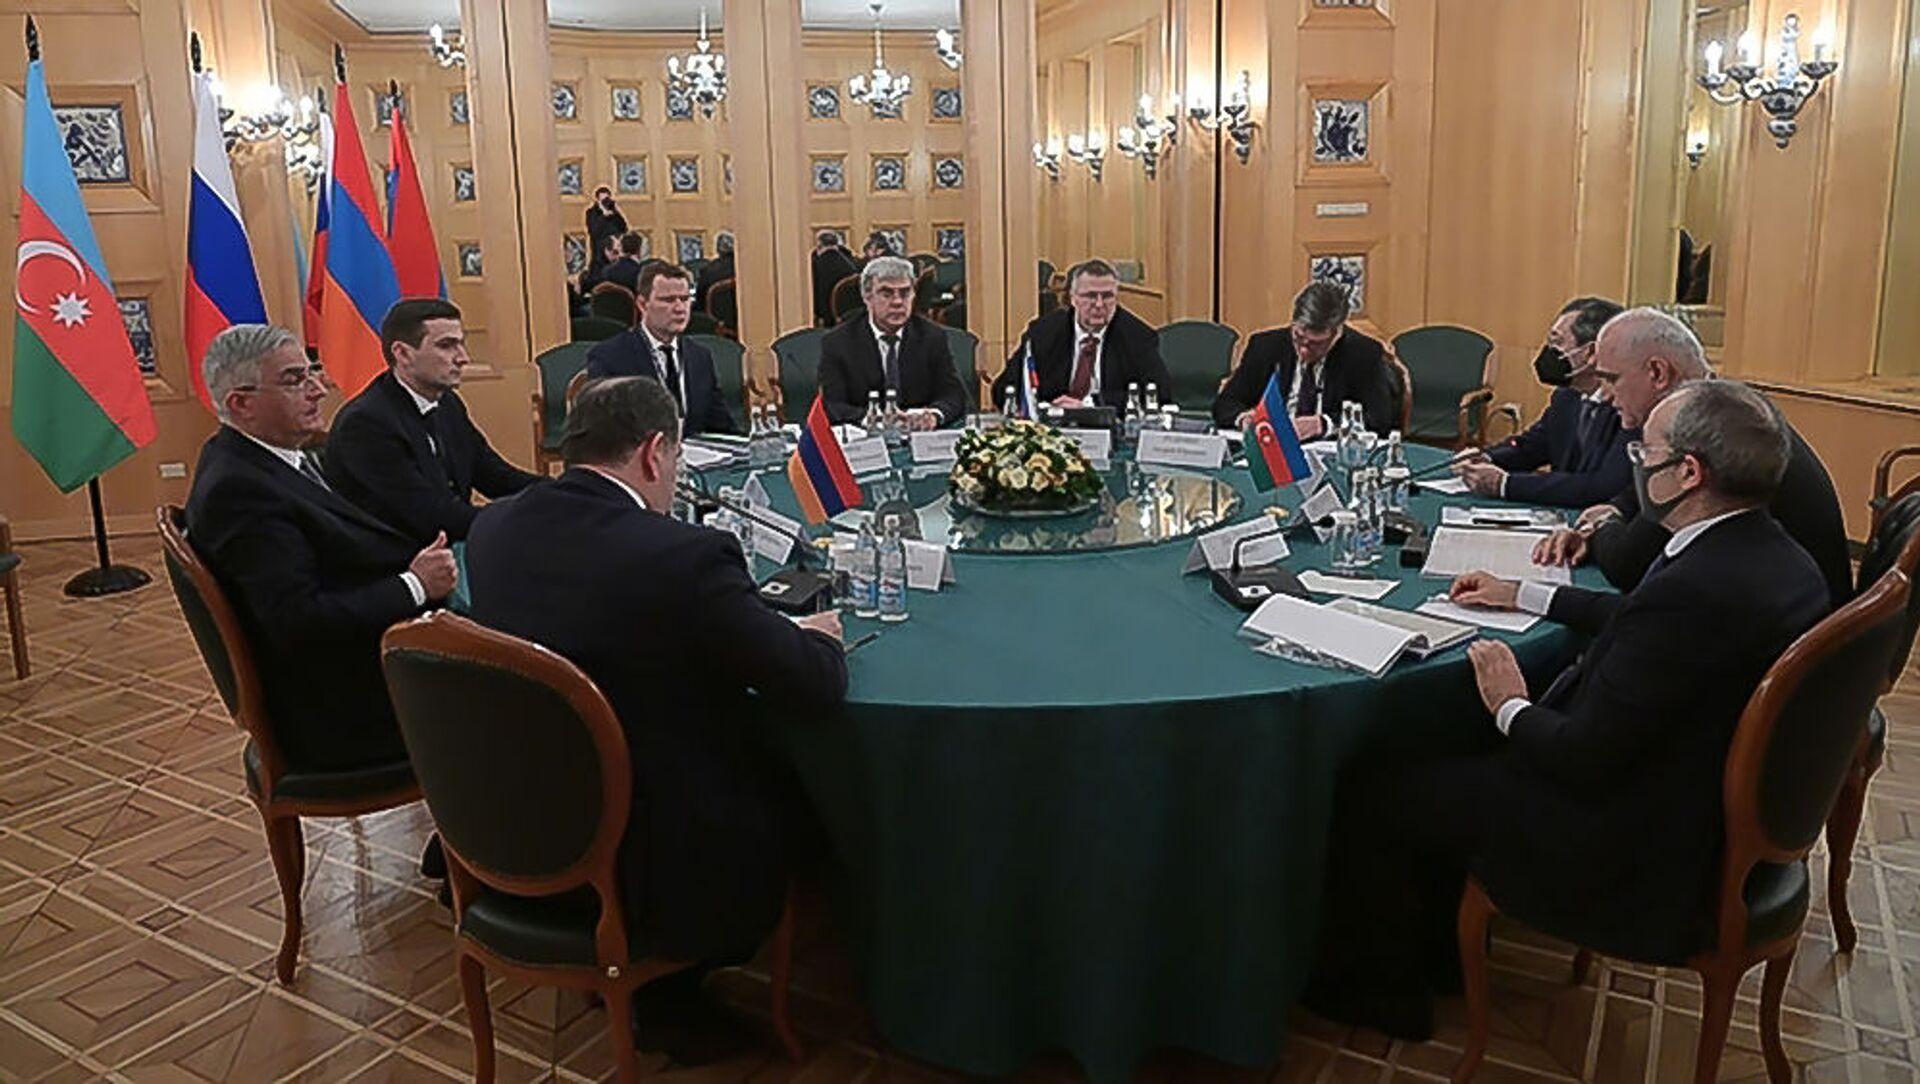 Заседание трёхсторонней Рабочей группы под совместным председательством вице-премьеров Армении, Азербайджана и России (30 января 2021). Москвa - Sputnik Грузия, 1920, 03.02.2021